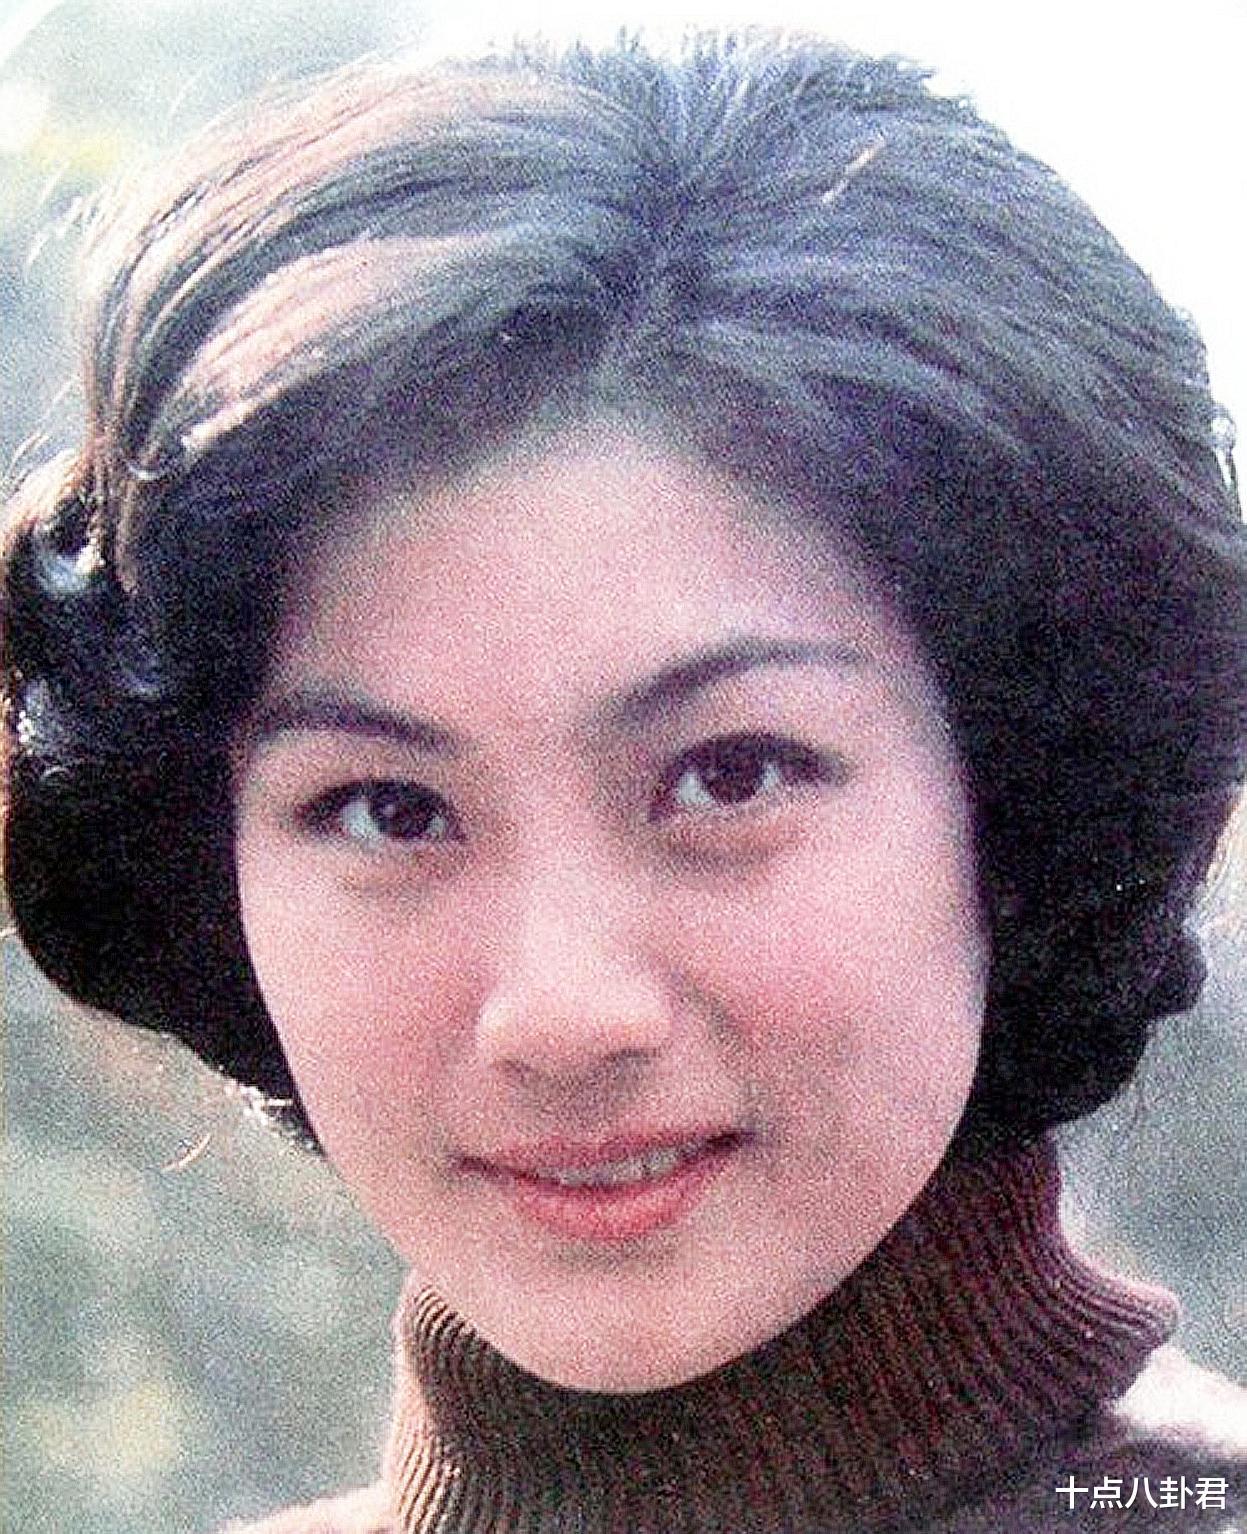 80年代女演員陳燁,出國留學嫁美國人,如今65歲怎麼樣瞭?-圖18